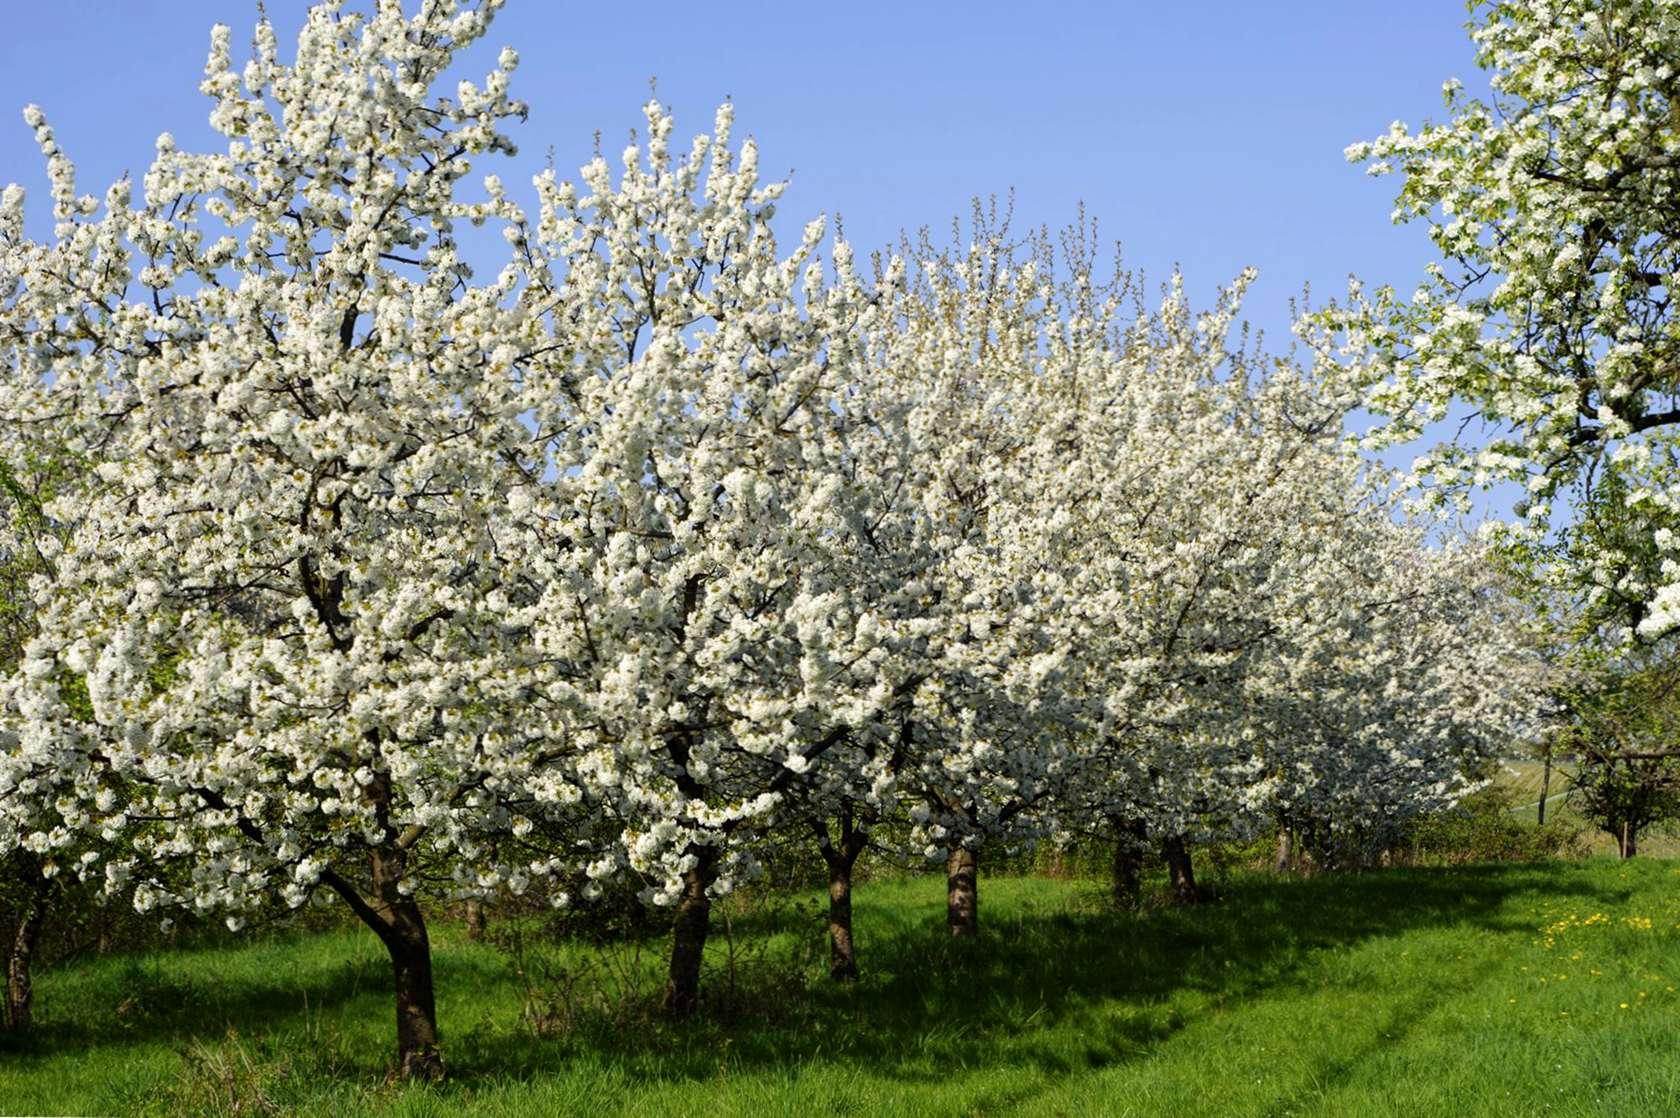 Foto Di Alberi Da Frutto spaziatura dell'albero da frutto: quanto distanti piantate